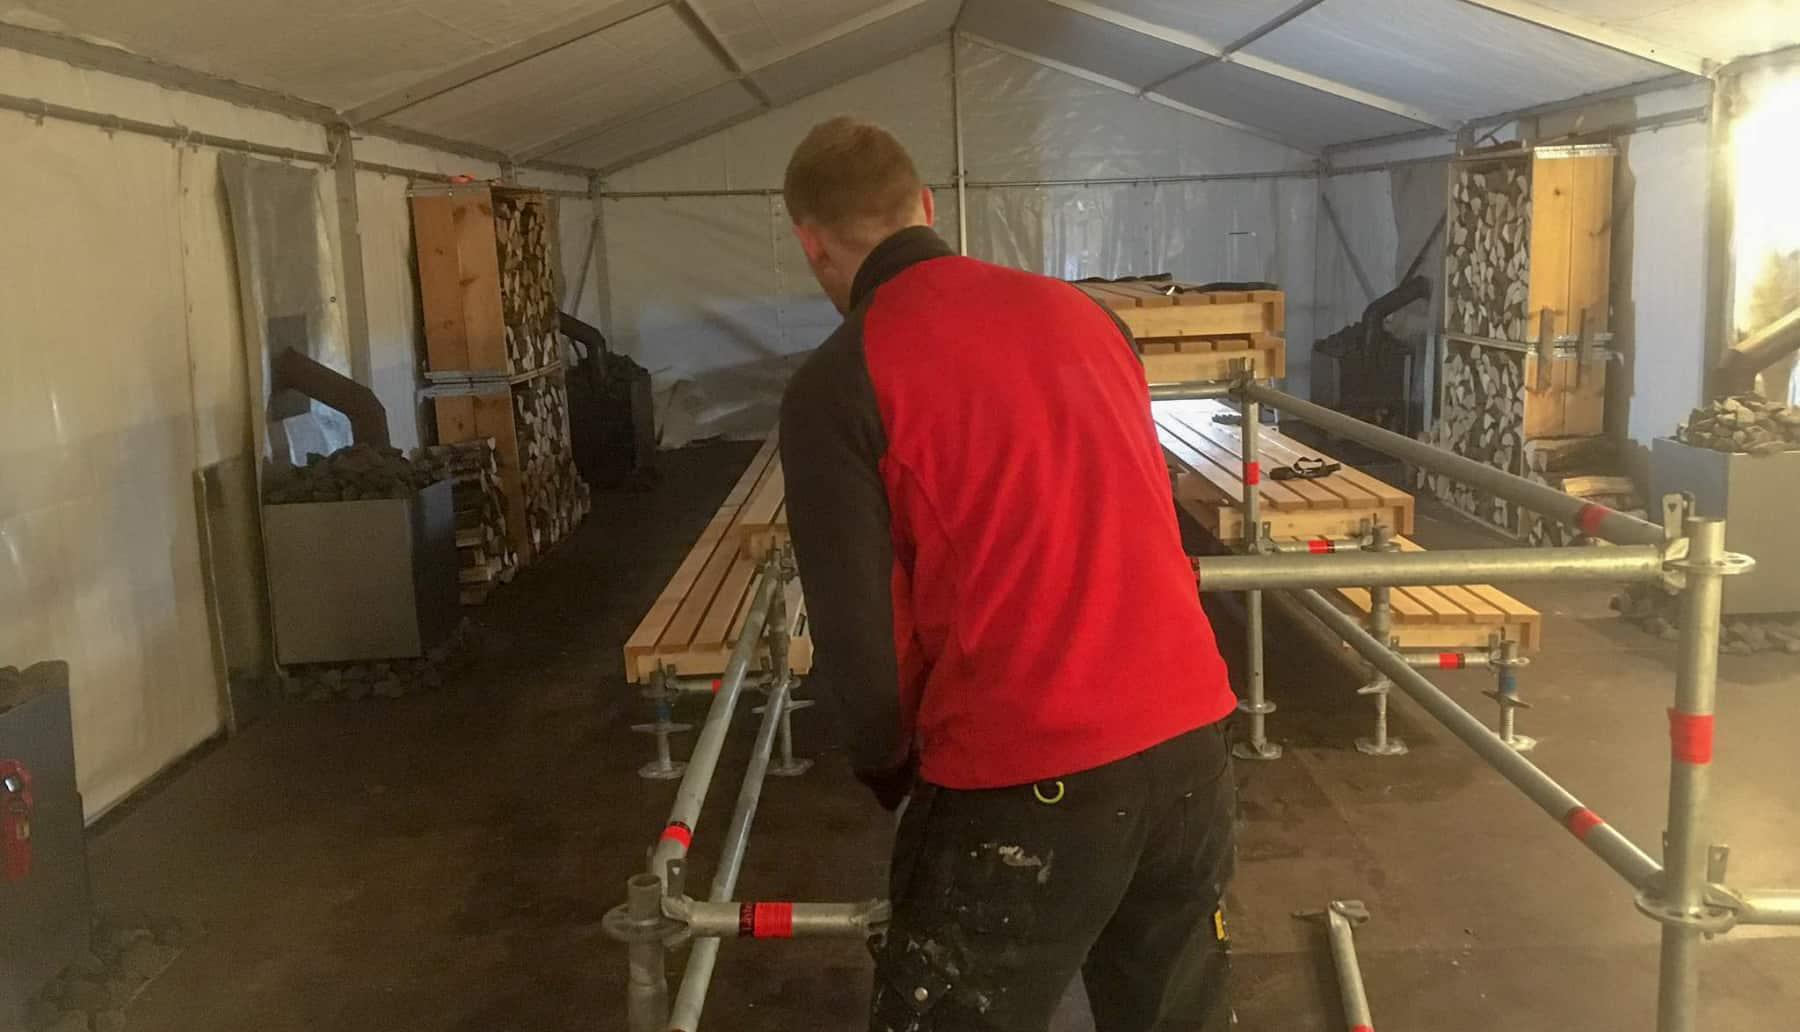 Neben dem Wettkampfpool wird noch schnell eine Sauna aufgebaut.